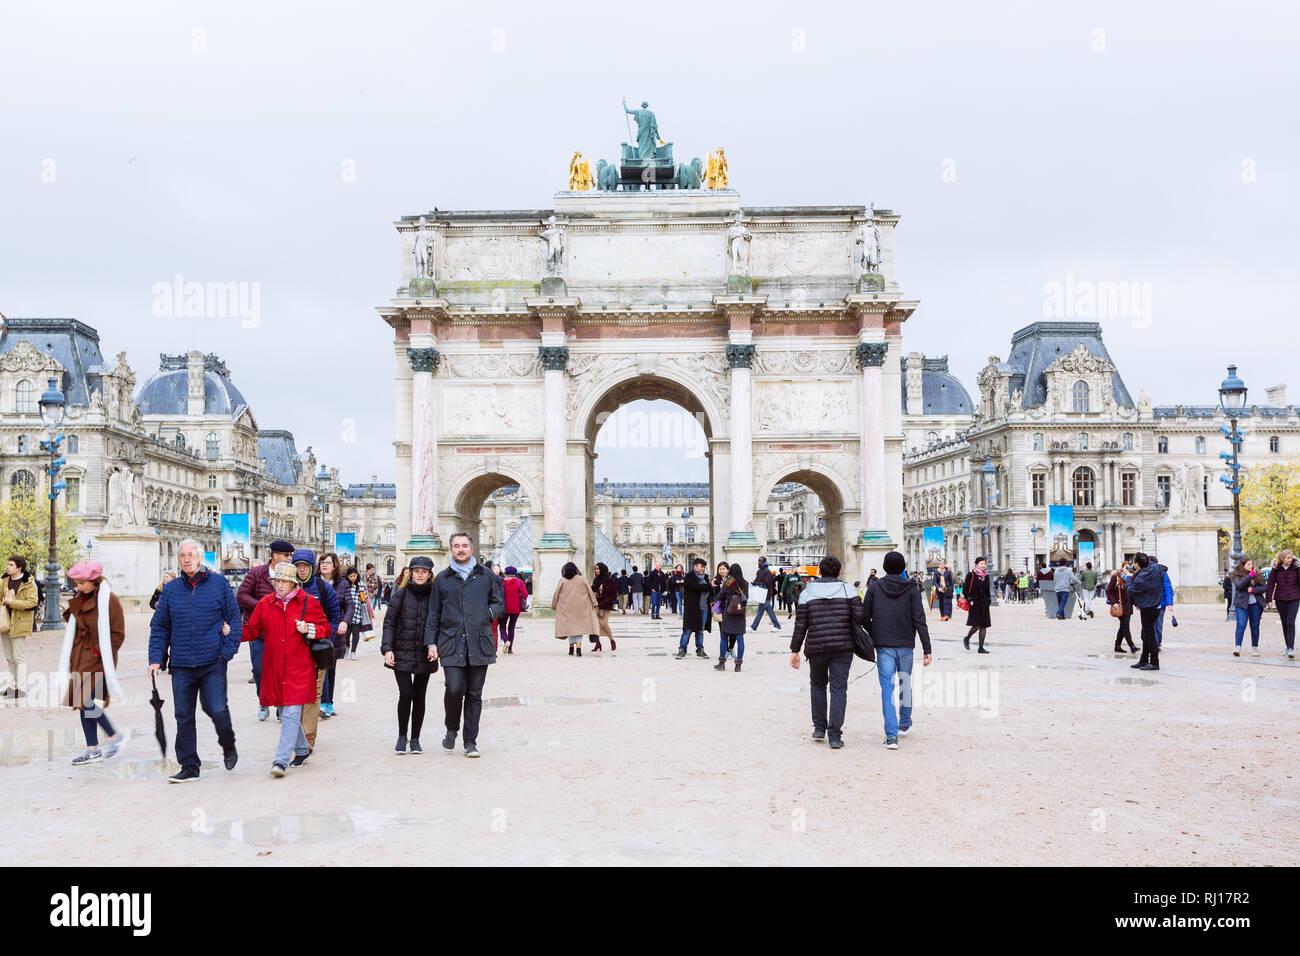 PARIS, FRANCE - NOVEMBER 10, 2018 - View of famous Arc de Triomphe du Carrousel against the background of the Louvre Museum in Paris Stock Photo